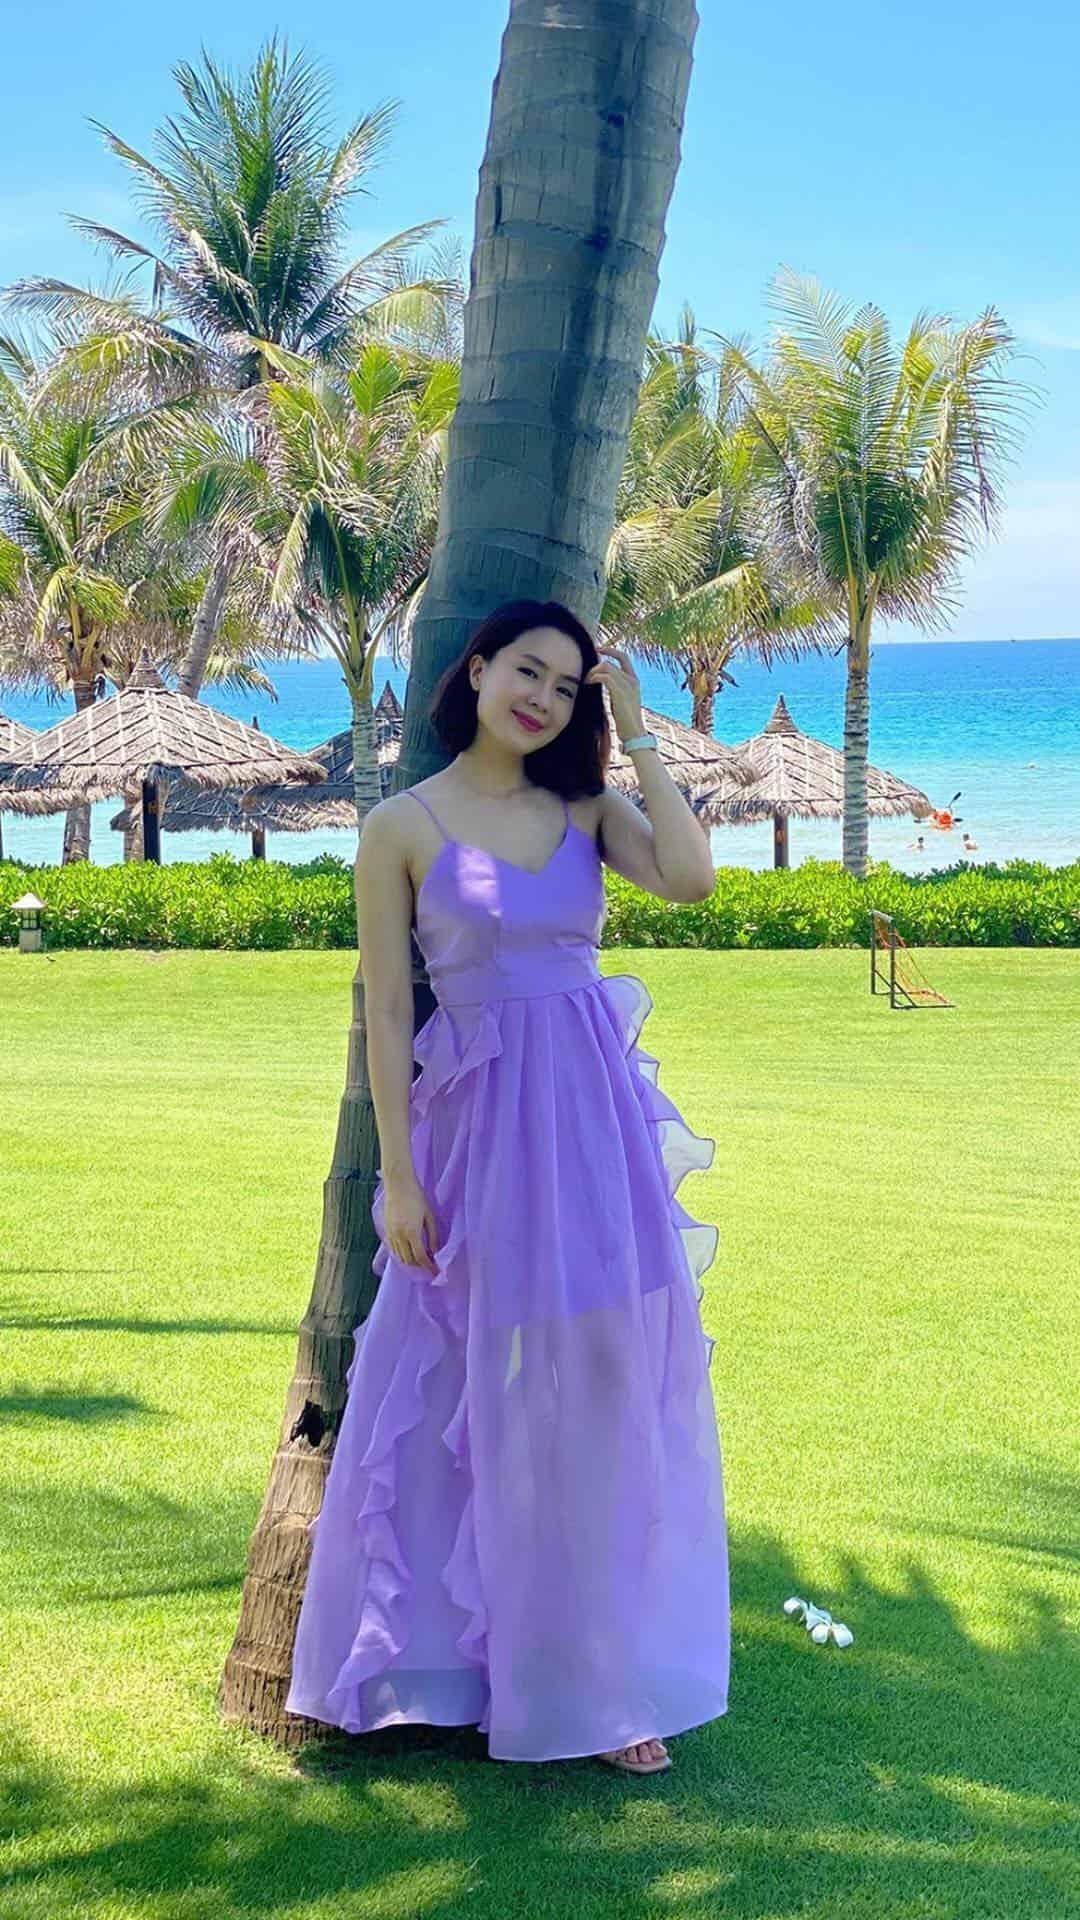 Hồng Diễm lên đồ đi du lịch với toàn món hot trend nhưng vẫn để lọt một bộ đầm tím sến súa làm tụt điểm phong cách - Ảnh 3.